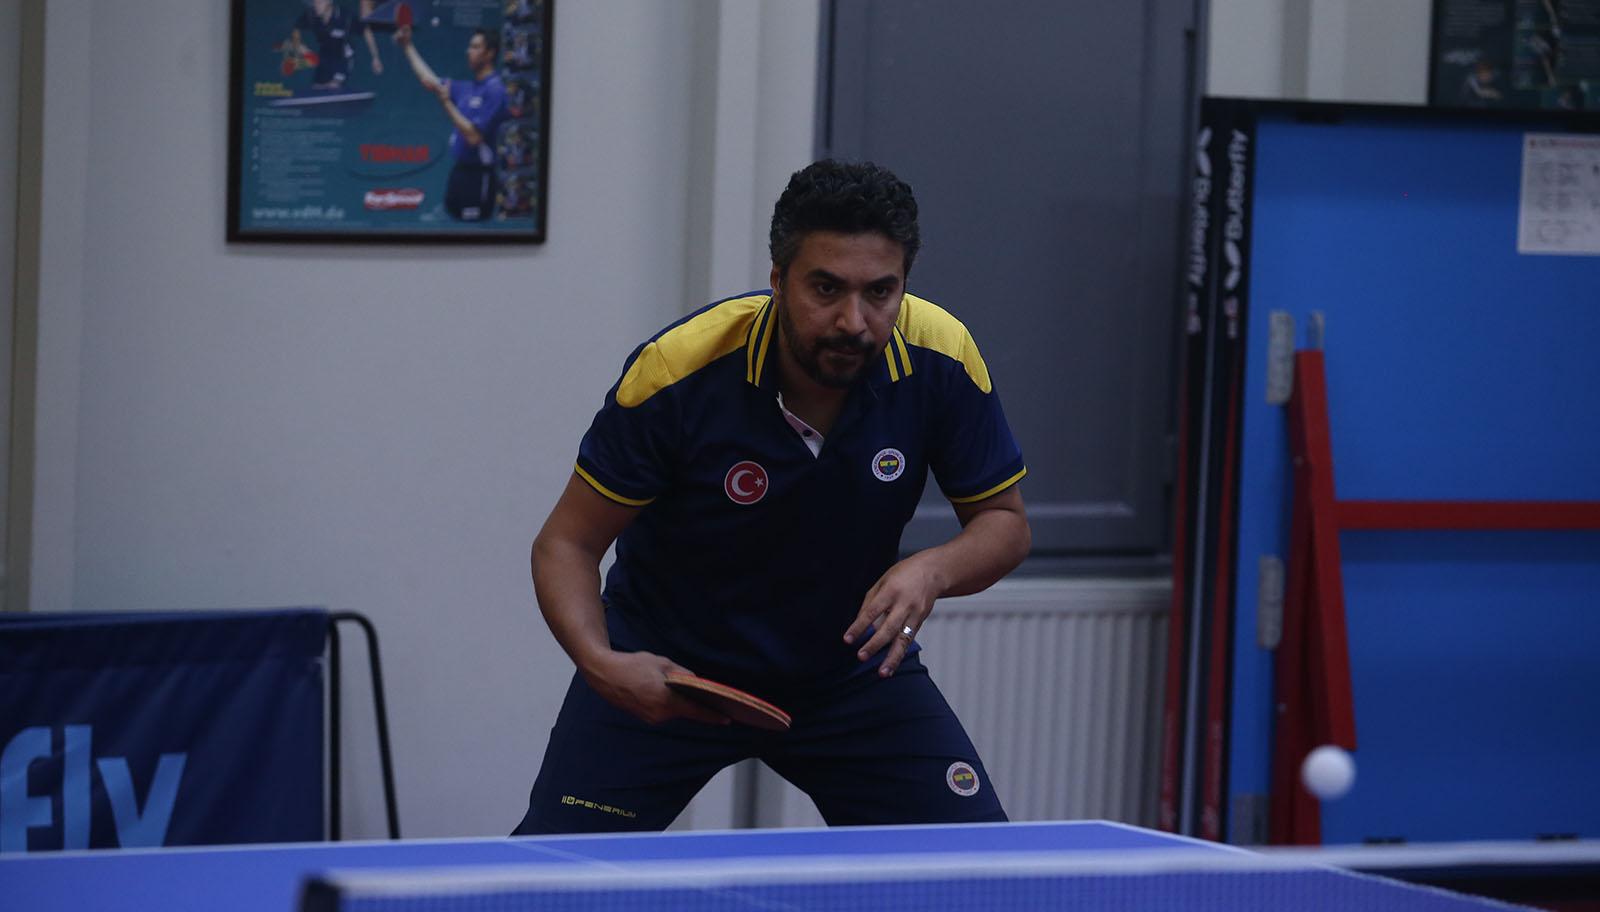 Ahmed Saleh Masa Tenisi Afrika Kupası'nda gümüş madalya kazandı